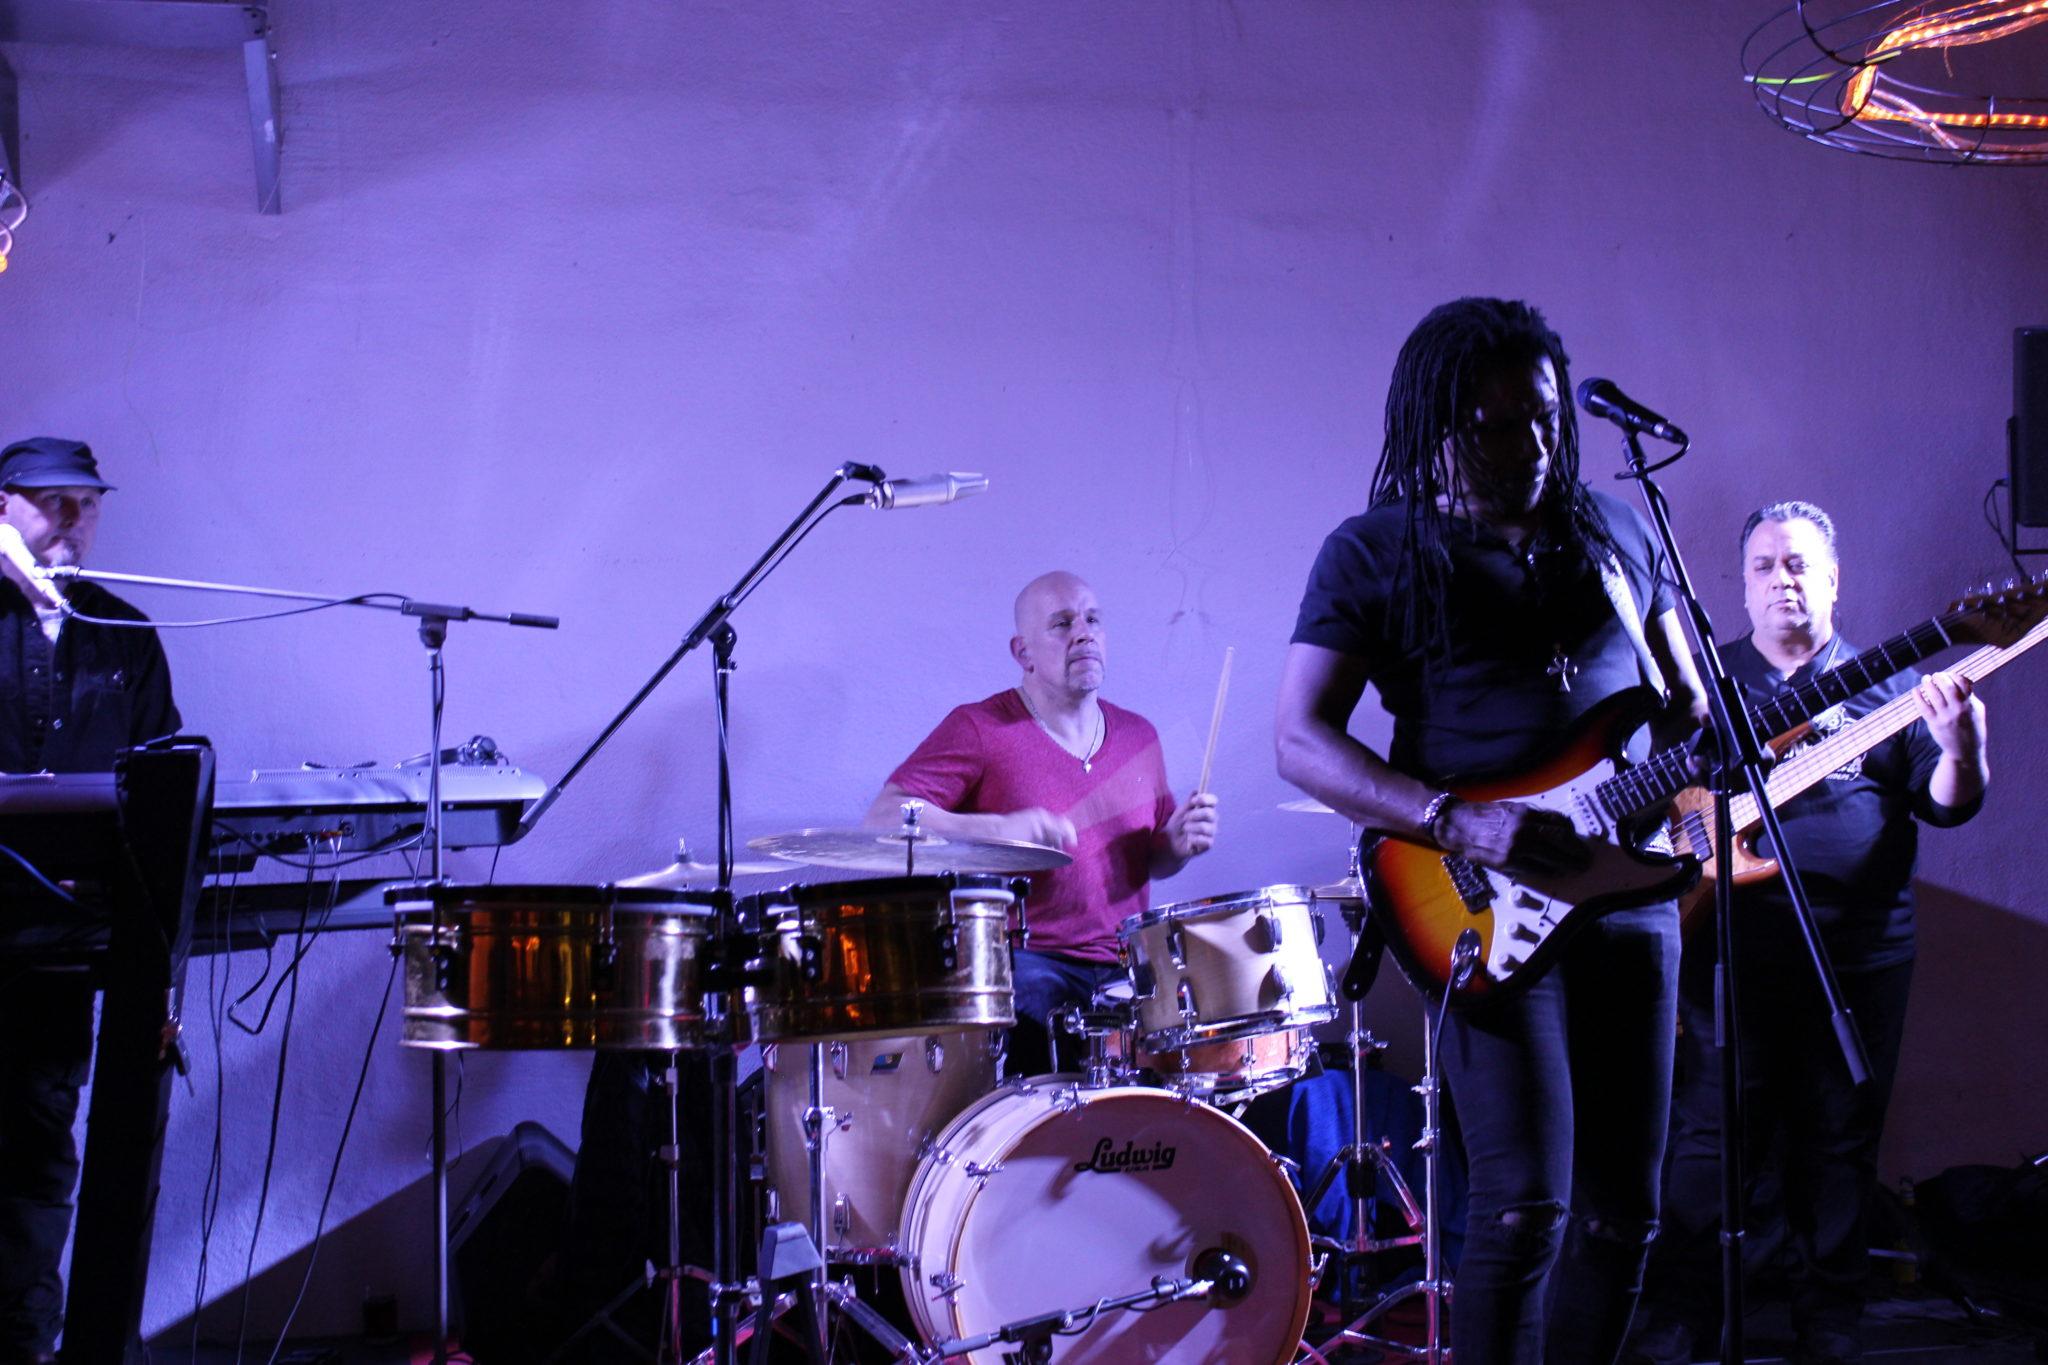 Konzerte & Veranstaltungen